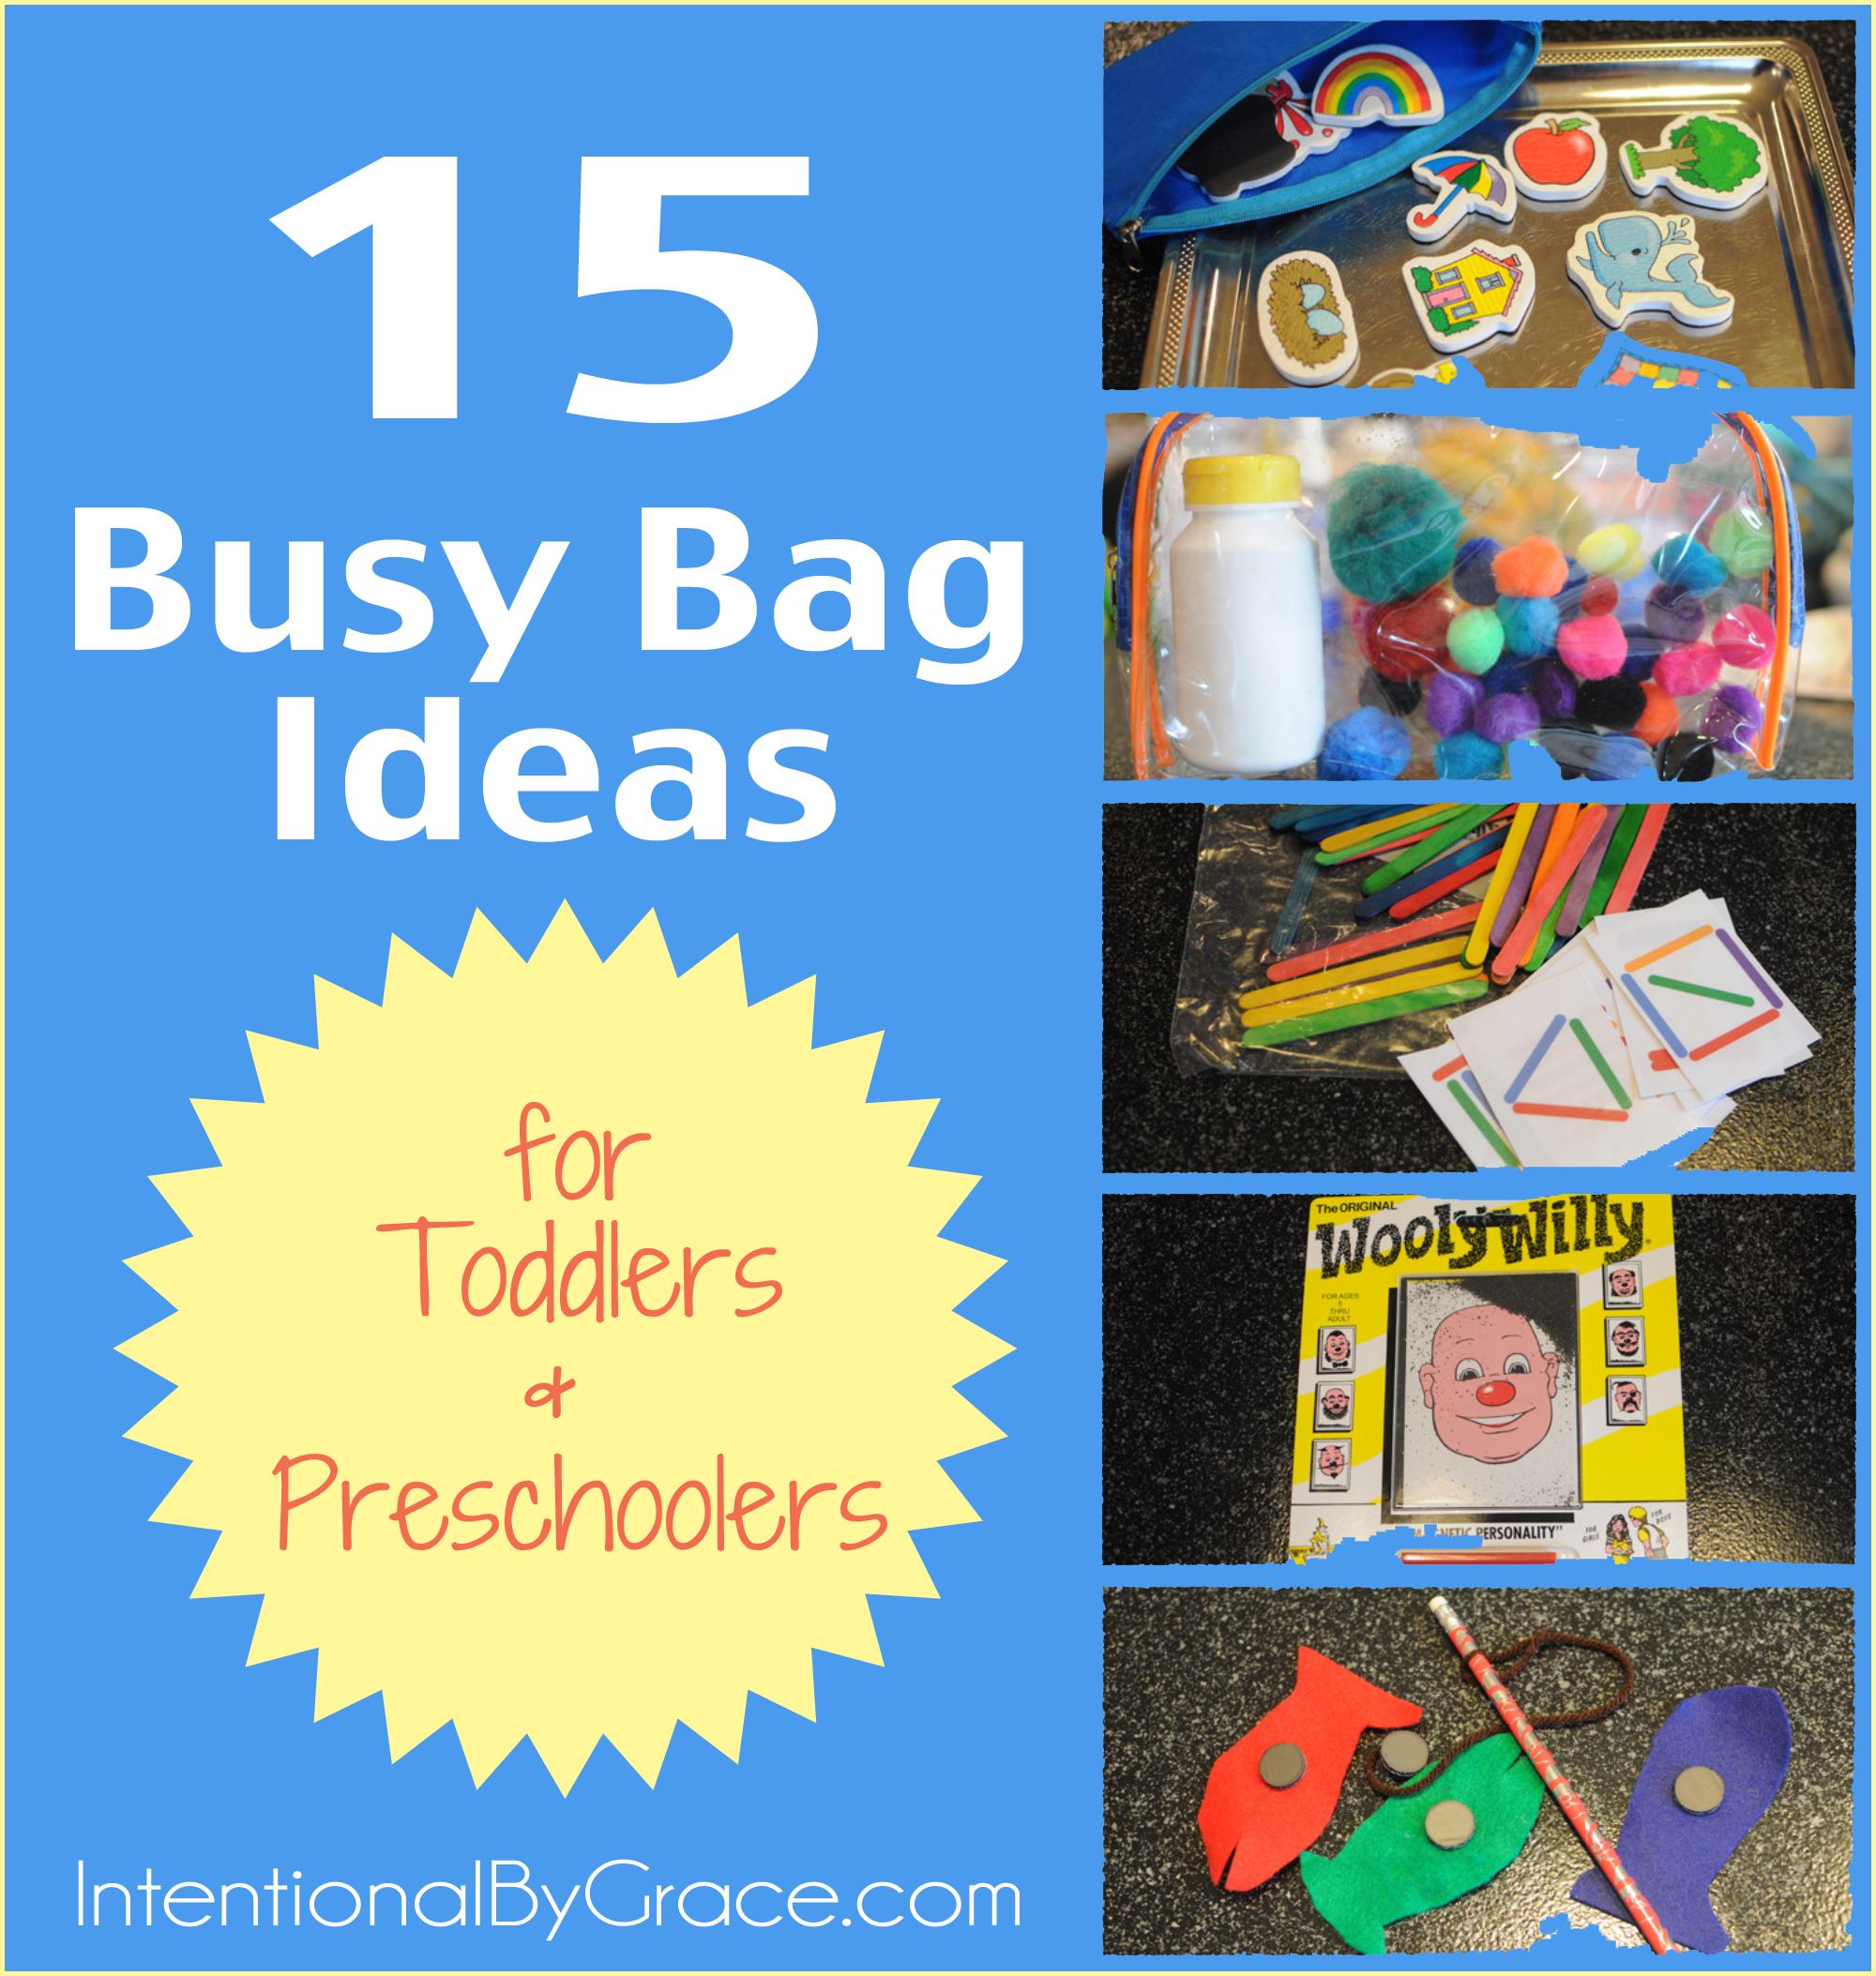 15 Busy Bag Ideas